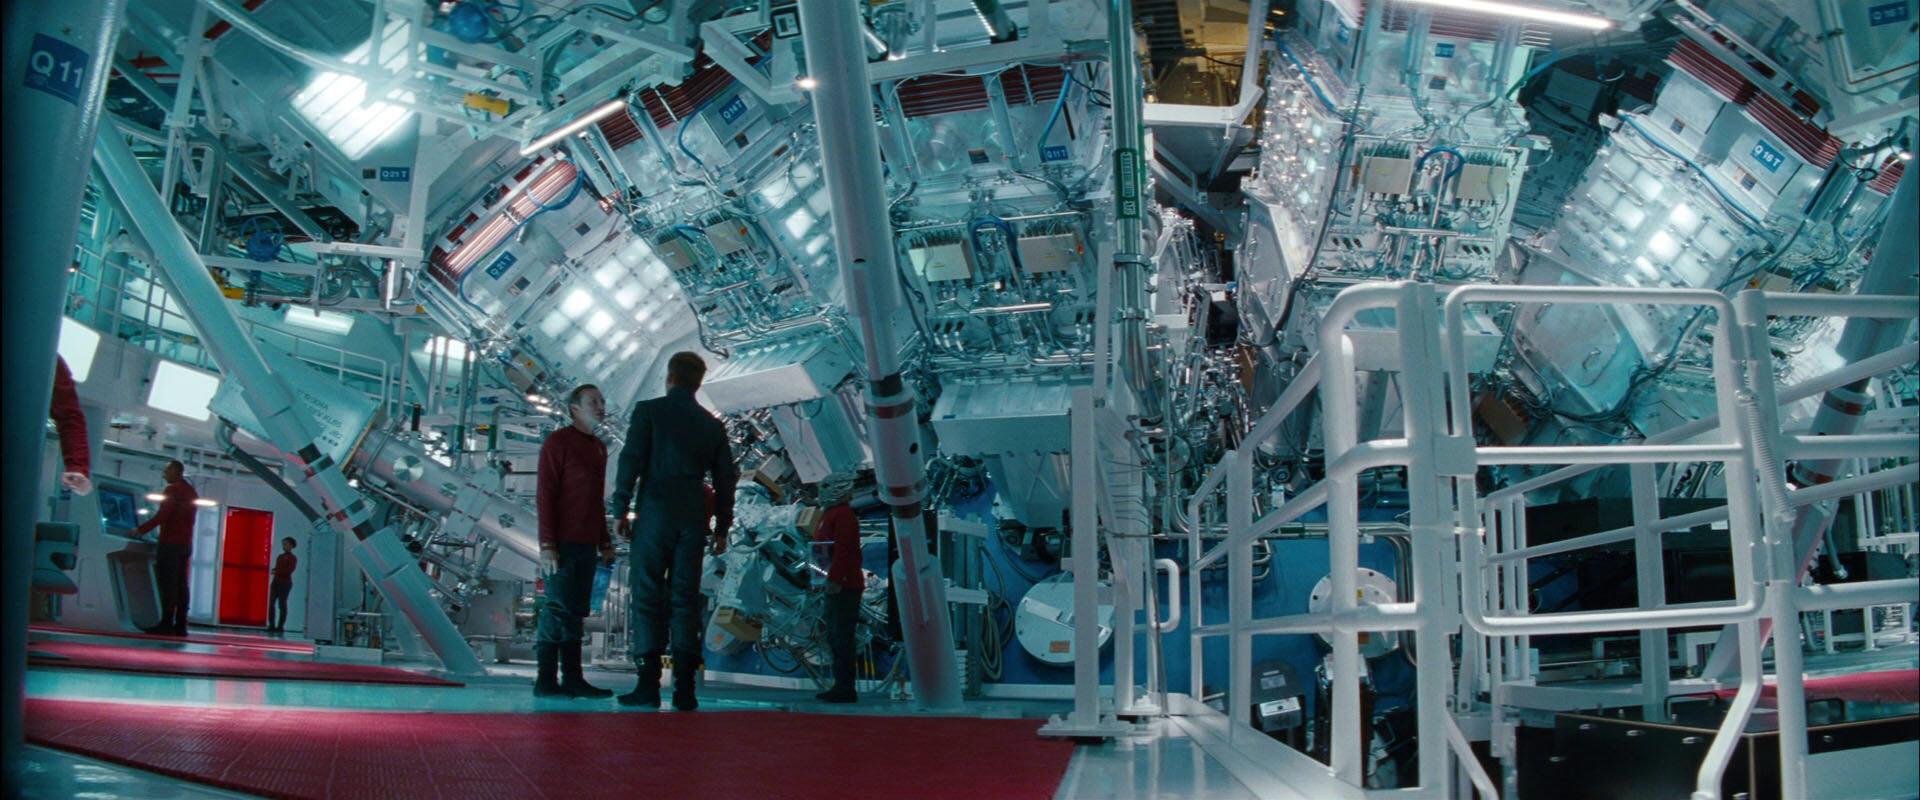 Ex Astris Scientia The New Enterprise Design